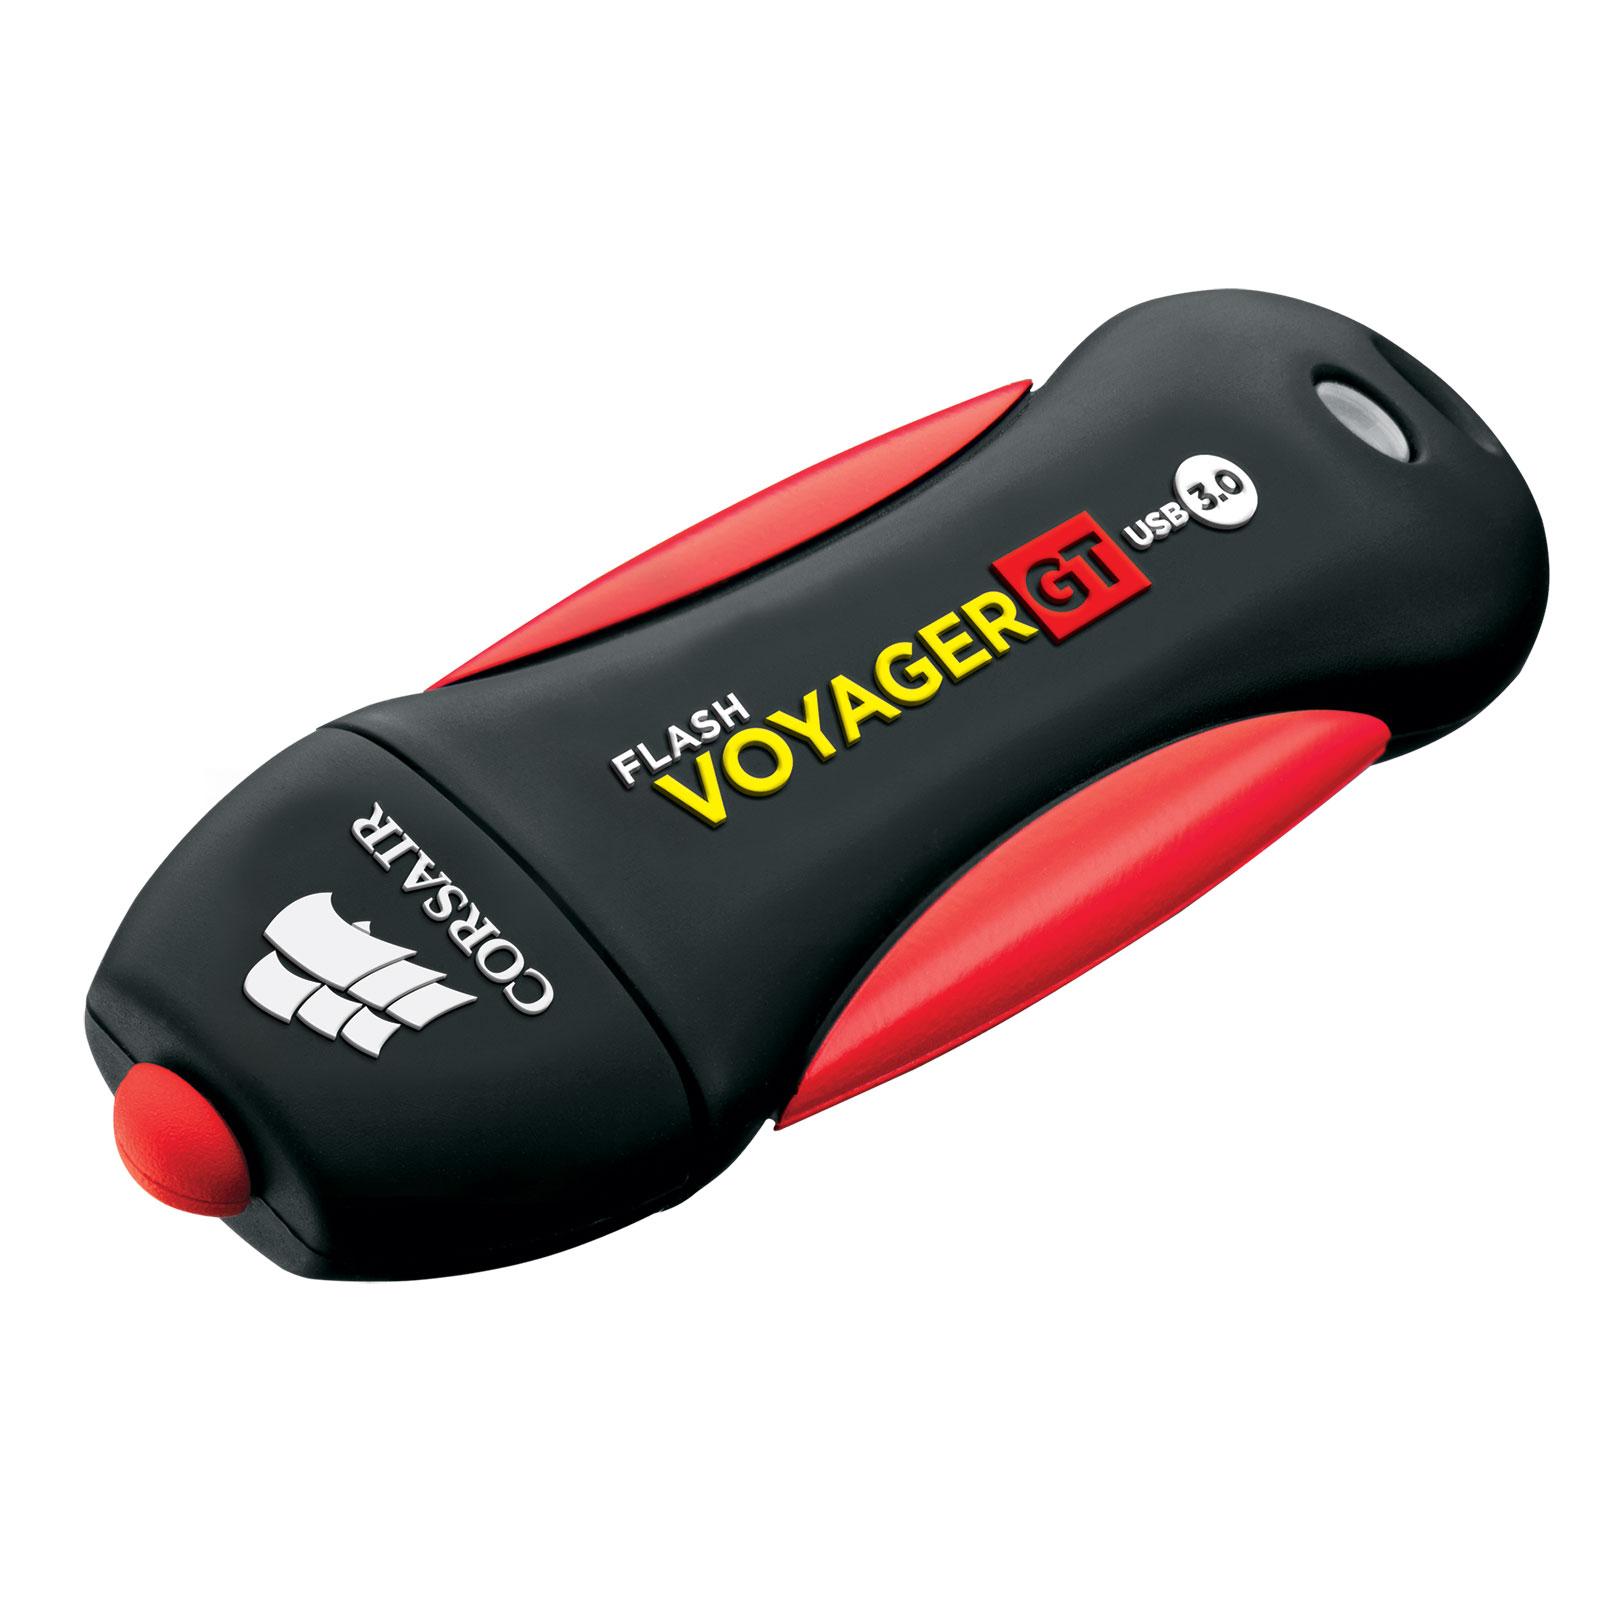 Clé USB Corsair Flash Voyager GT USB 3.0 128 Go (Nouvelle version) Clé USB 3.0 128 Go (garantie constructeur 5 ans)